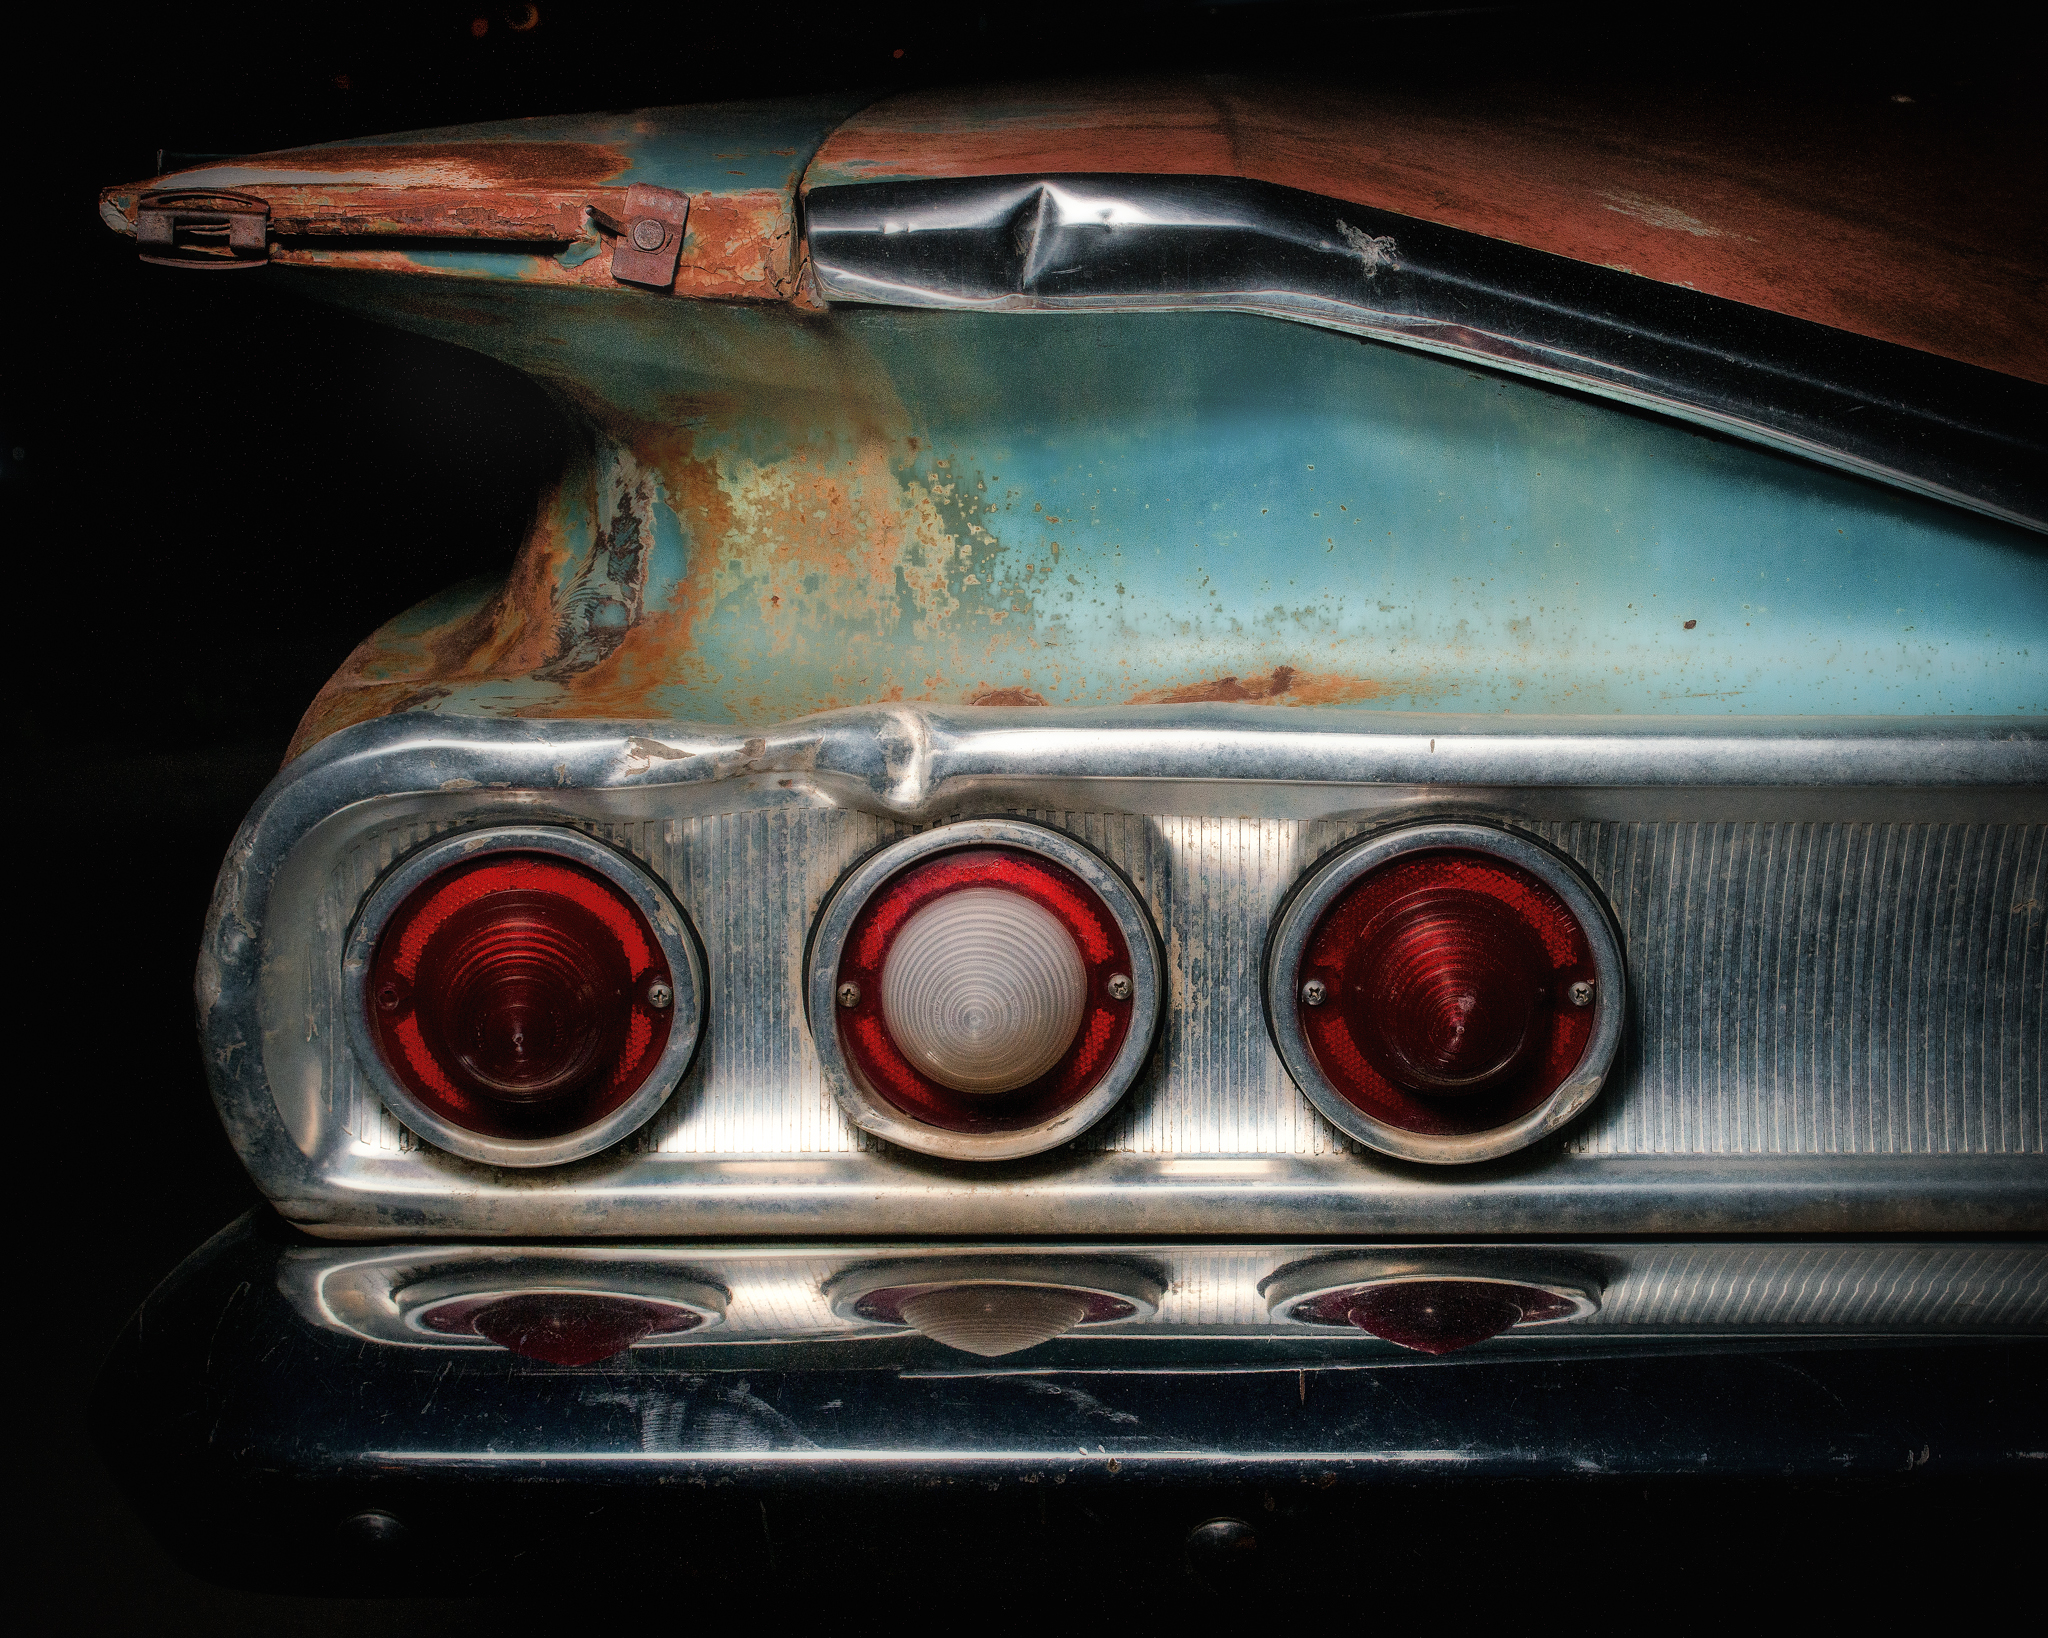 1960 Chevrolet Impala #3